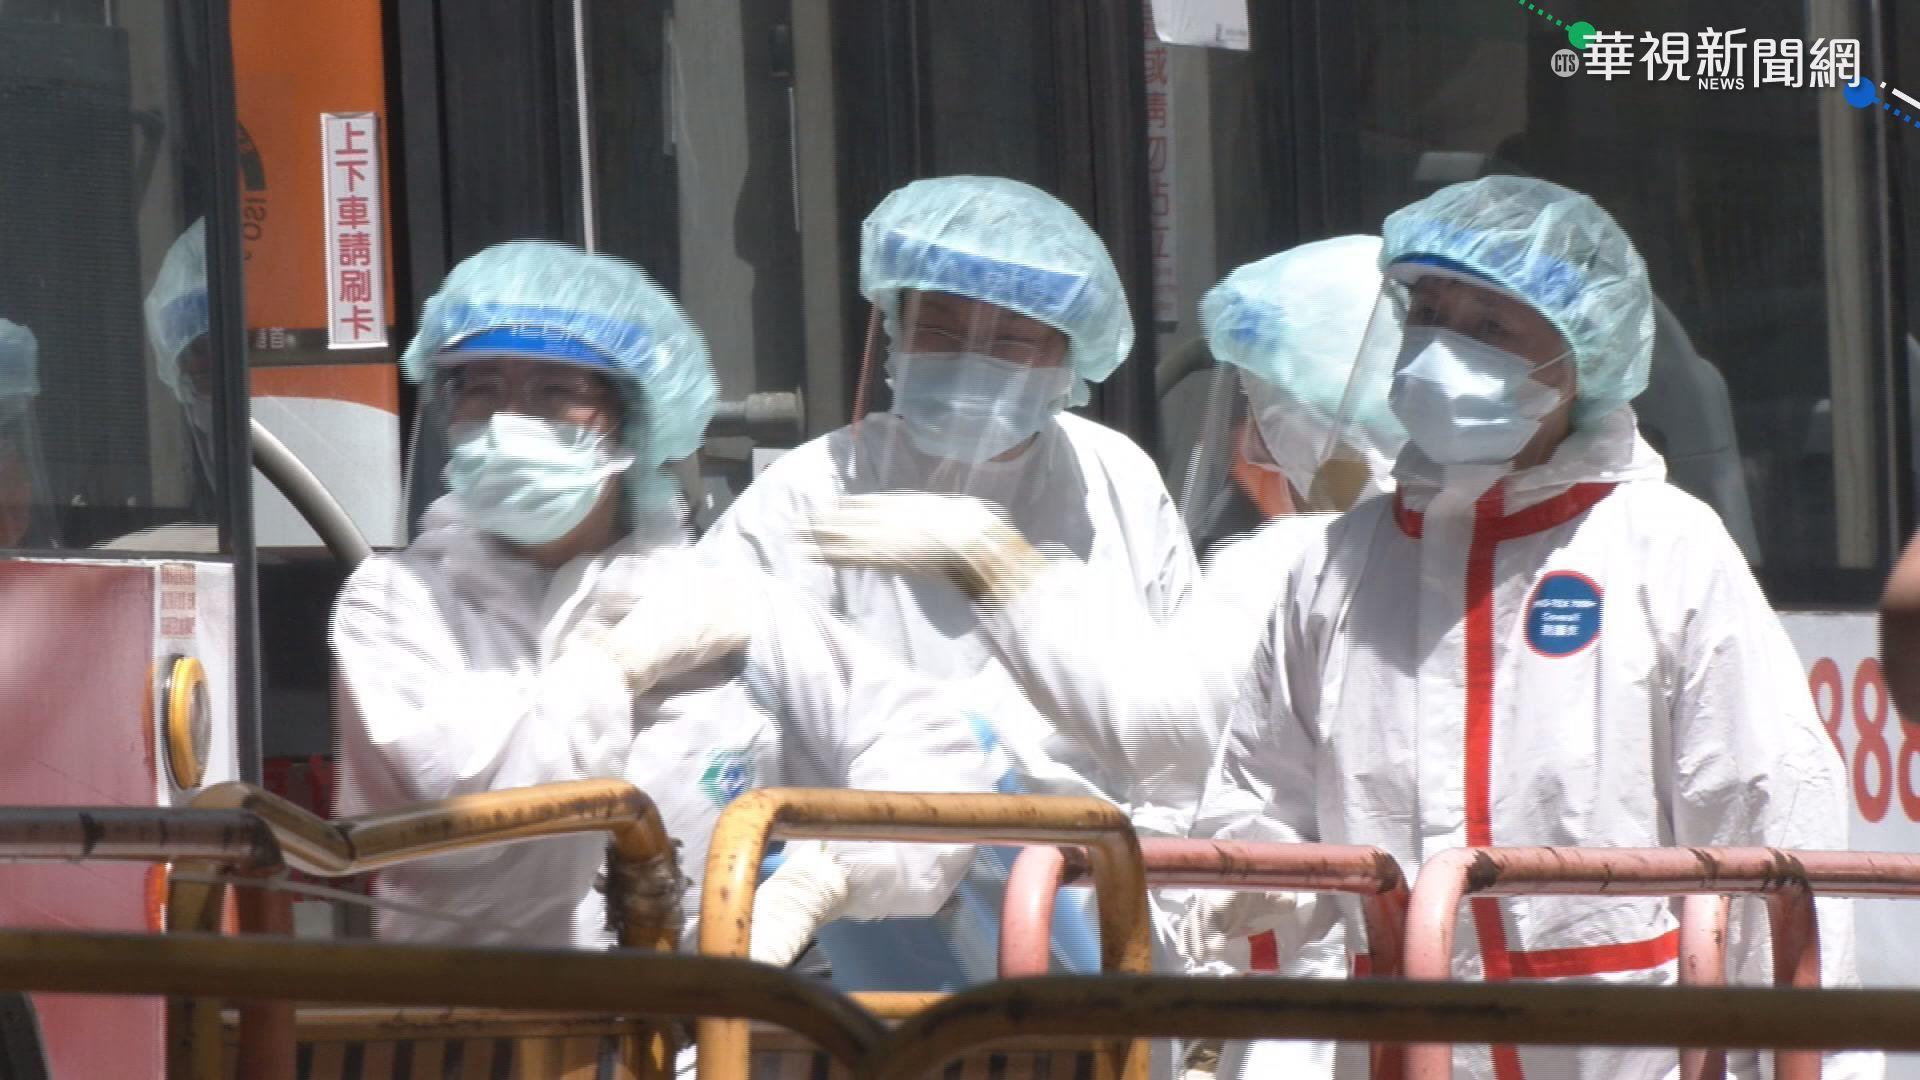 松山確診者學校 全校678人PCR全陰性